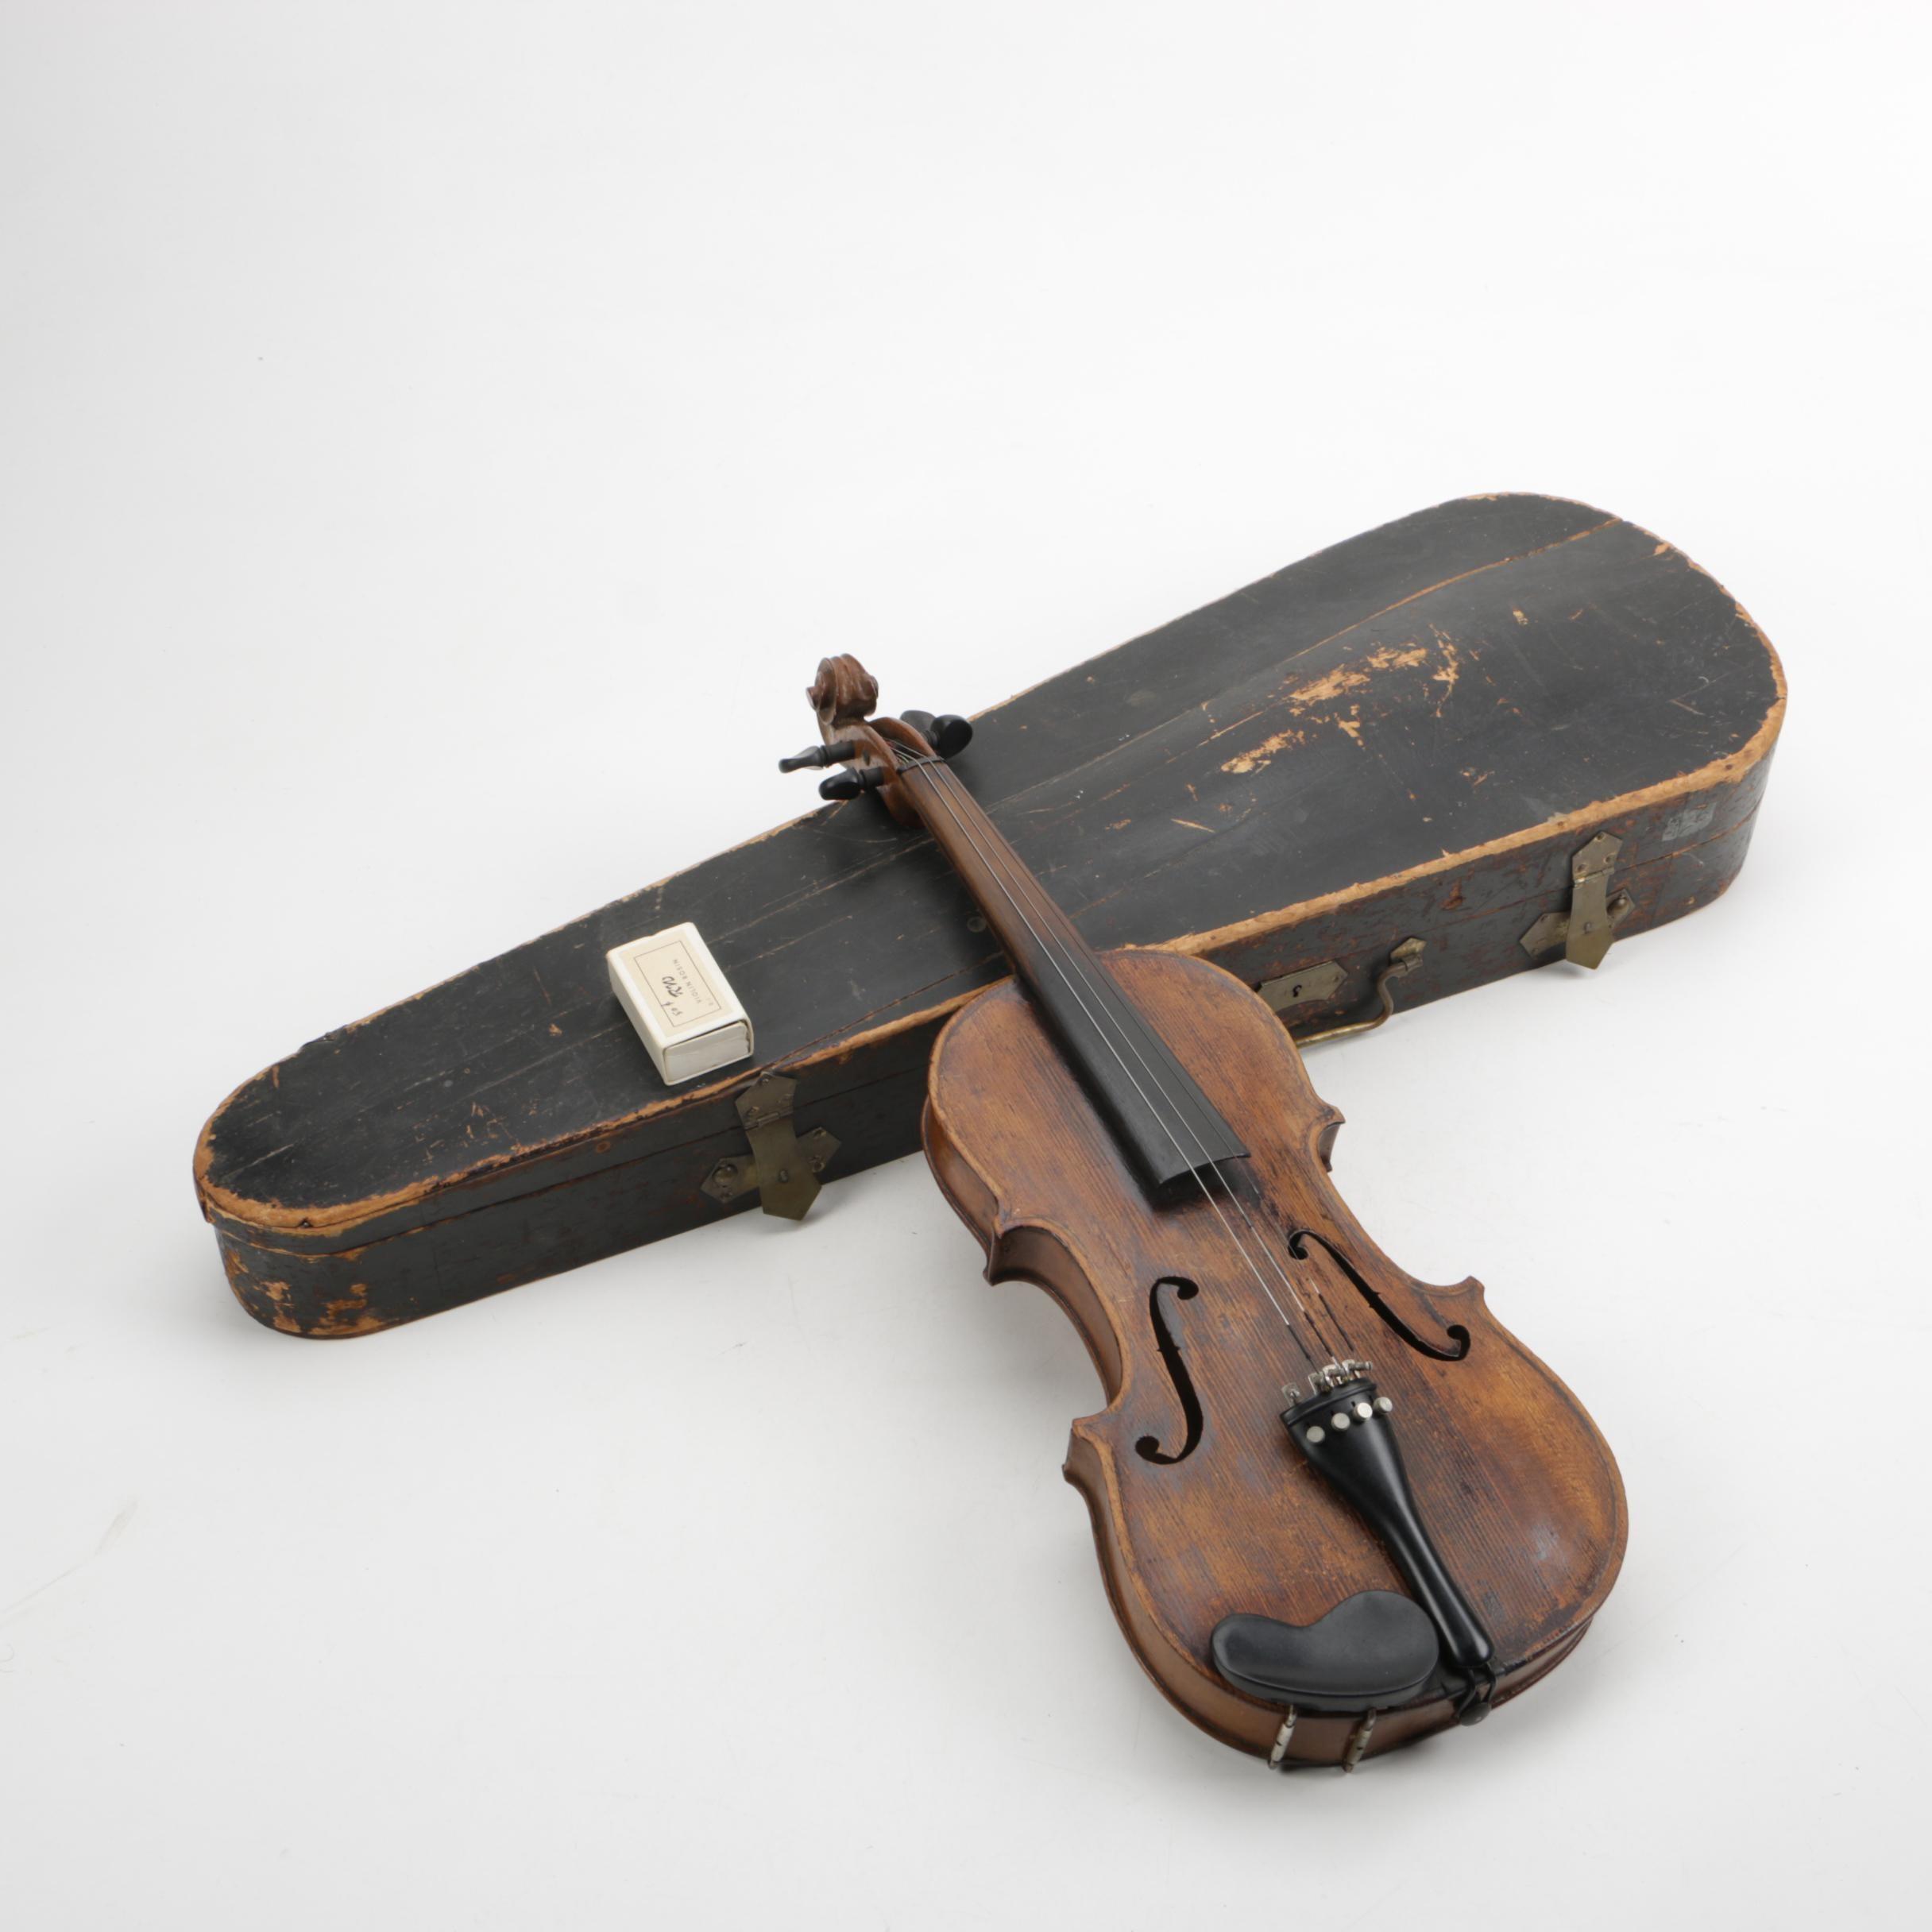 Vintage Violin and Case